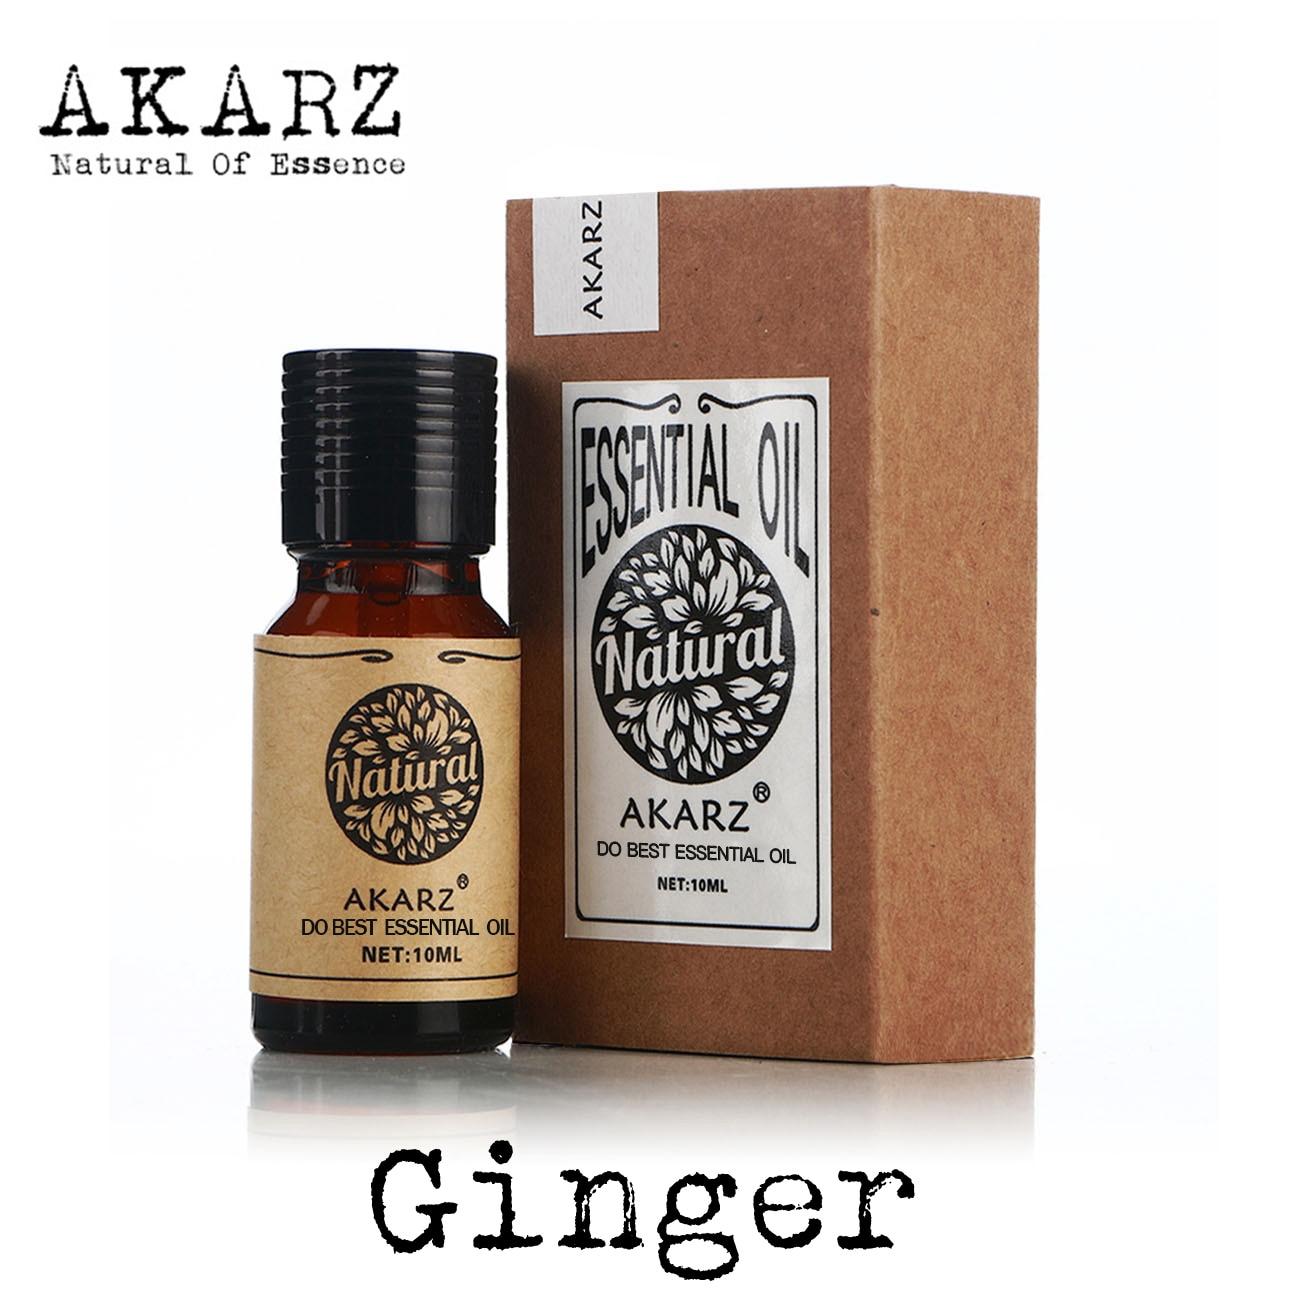 Имбирное эфирное масло марки AKARZ, натуральное масло, косметика, свечное мыло, ароматизатор «сделай сам», запахи, сырье, имбирное масло